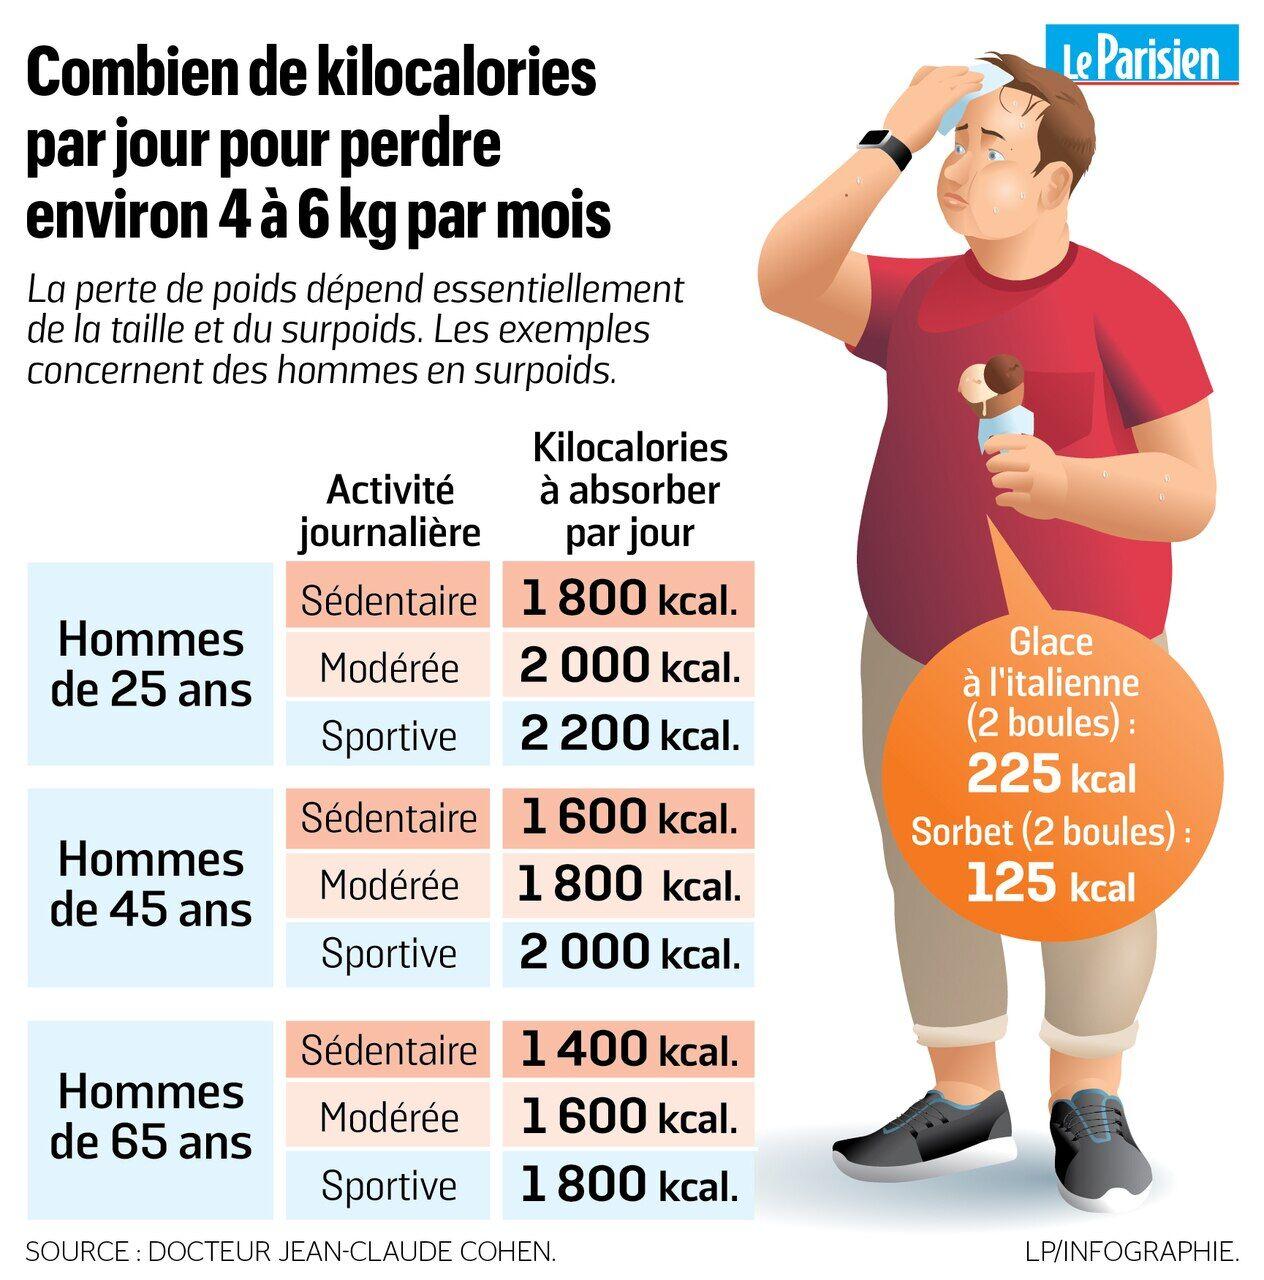 perte de poids bmi plus de 30 le varech peut causer une perte de poids